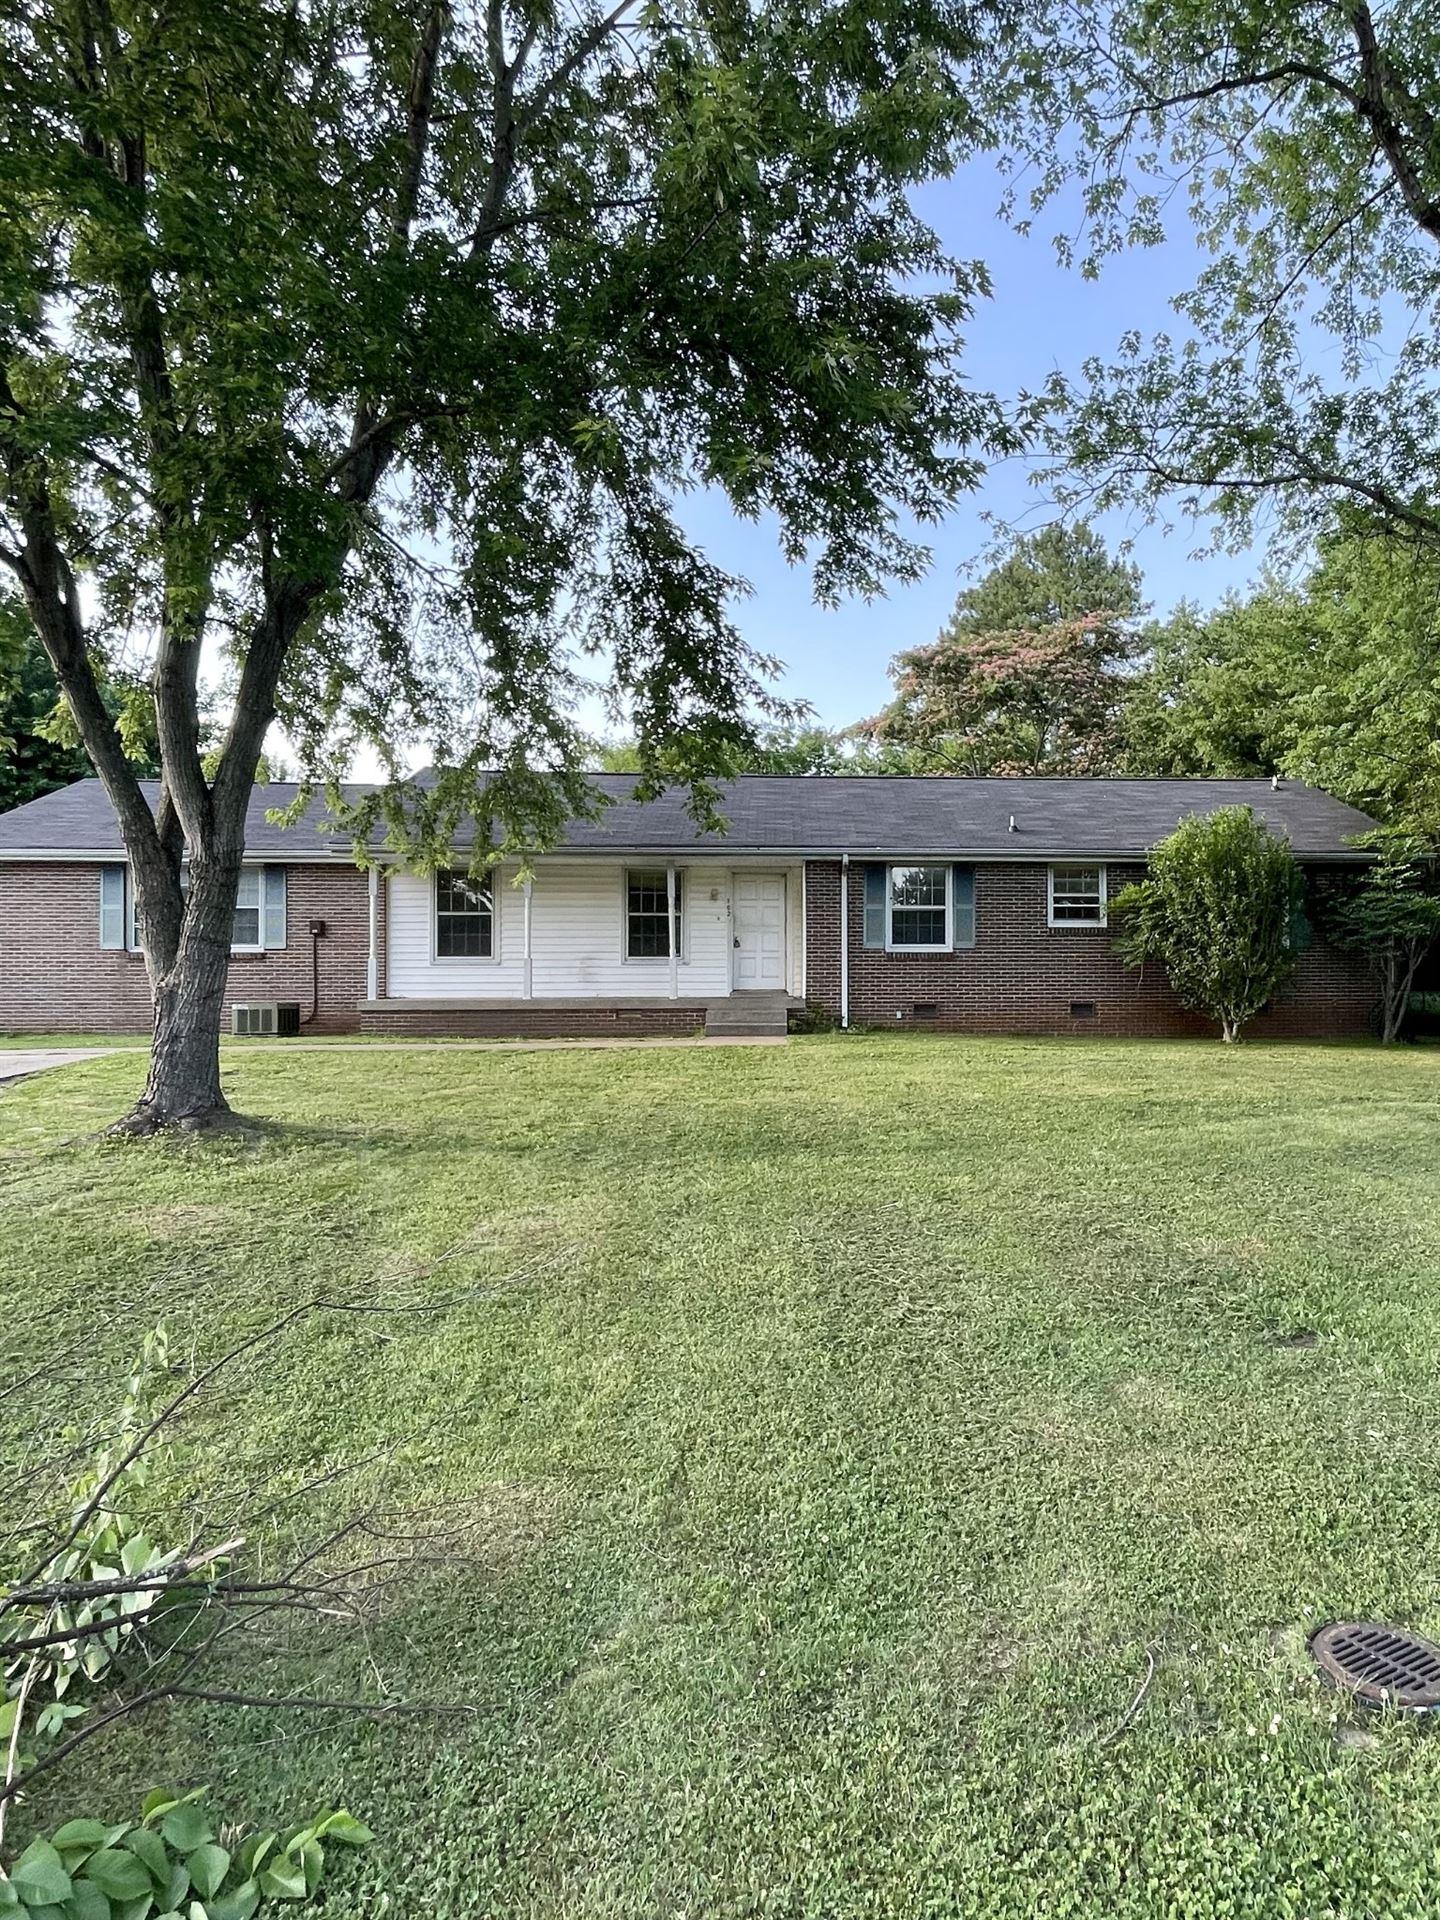 102 Richland Ave, Smyrna, TN 37167 - MLS#: 2275516